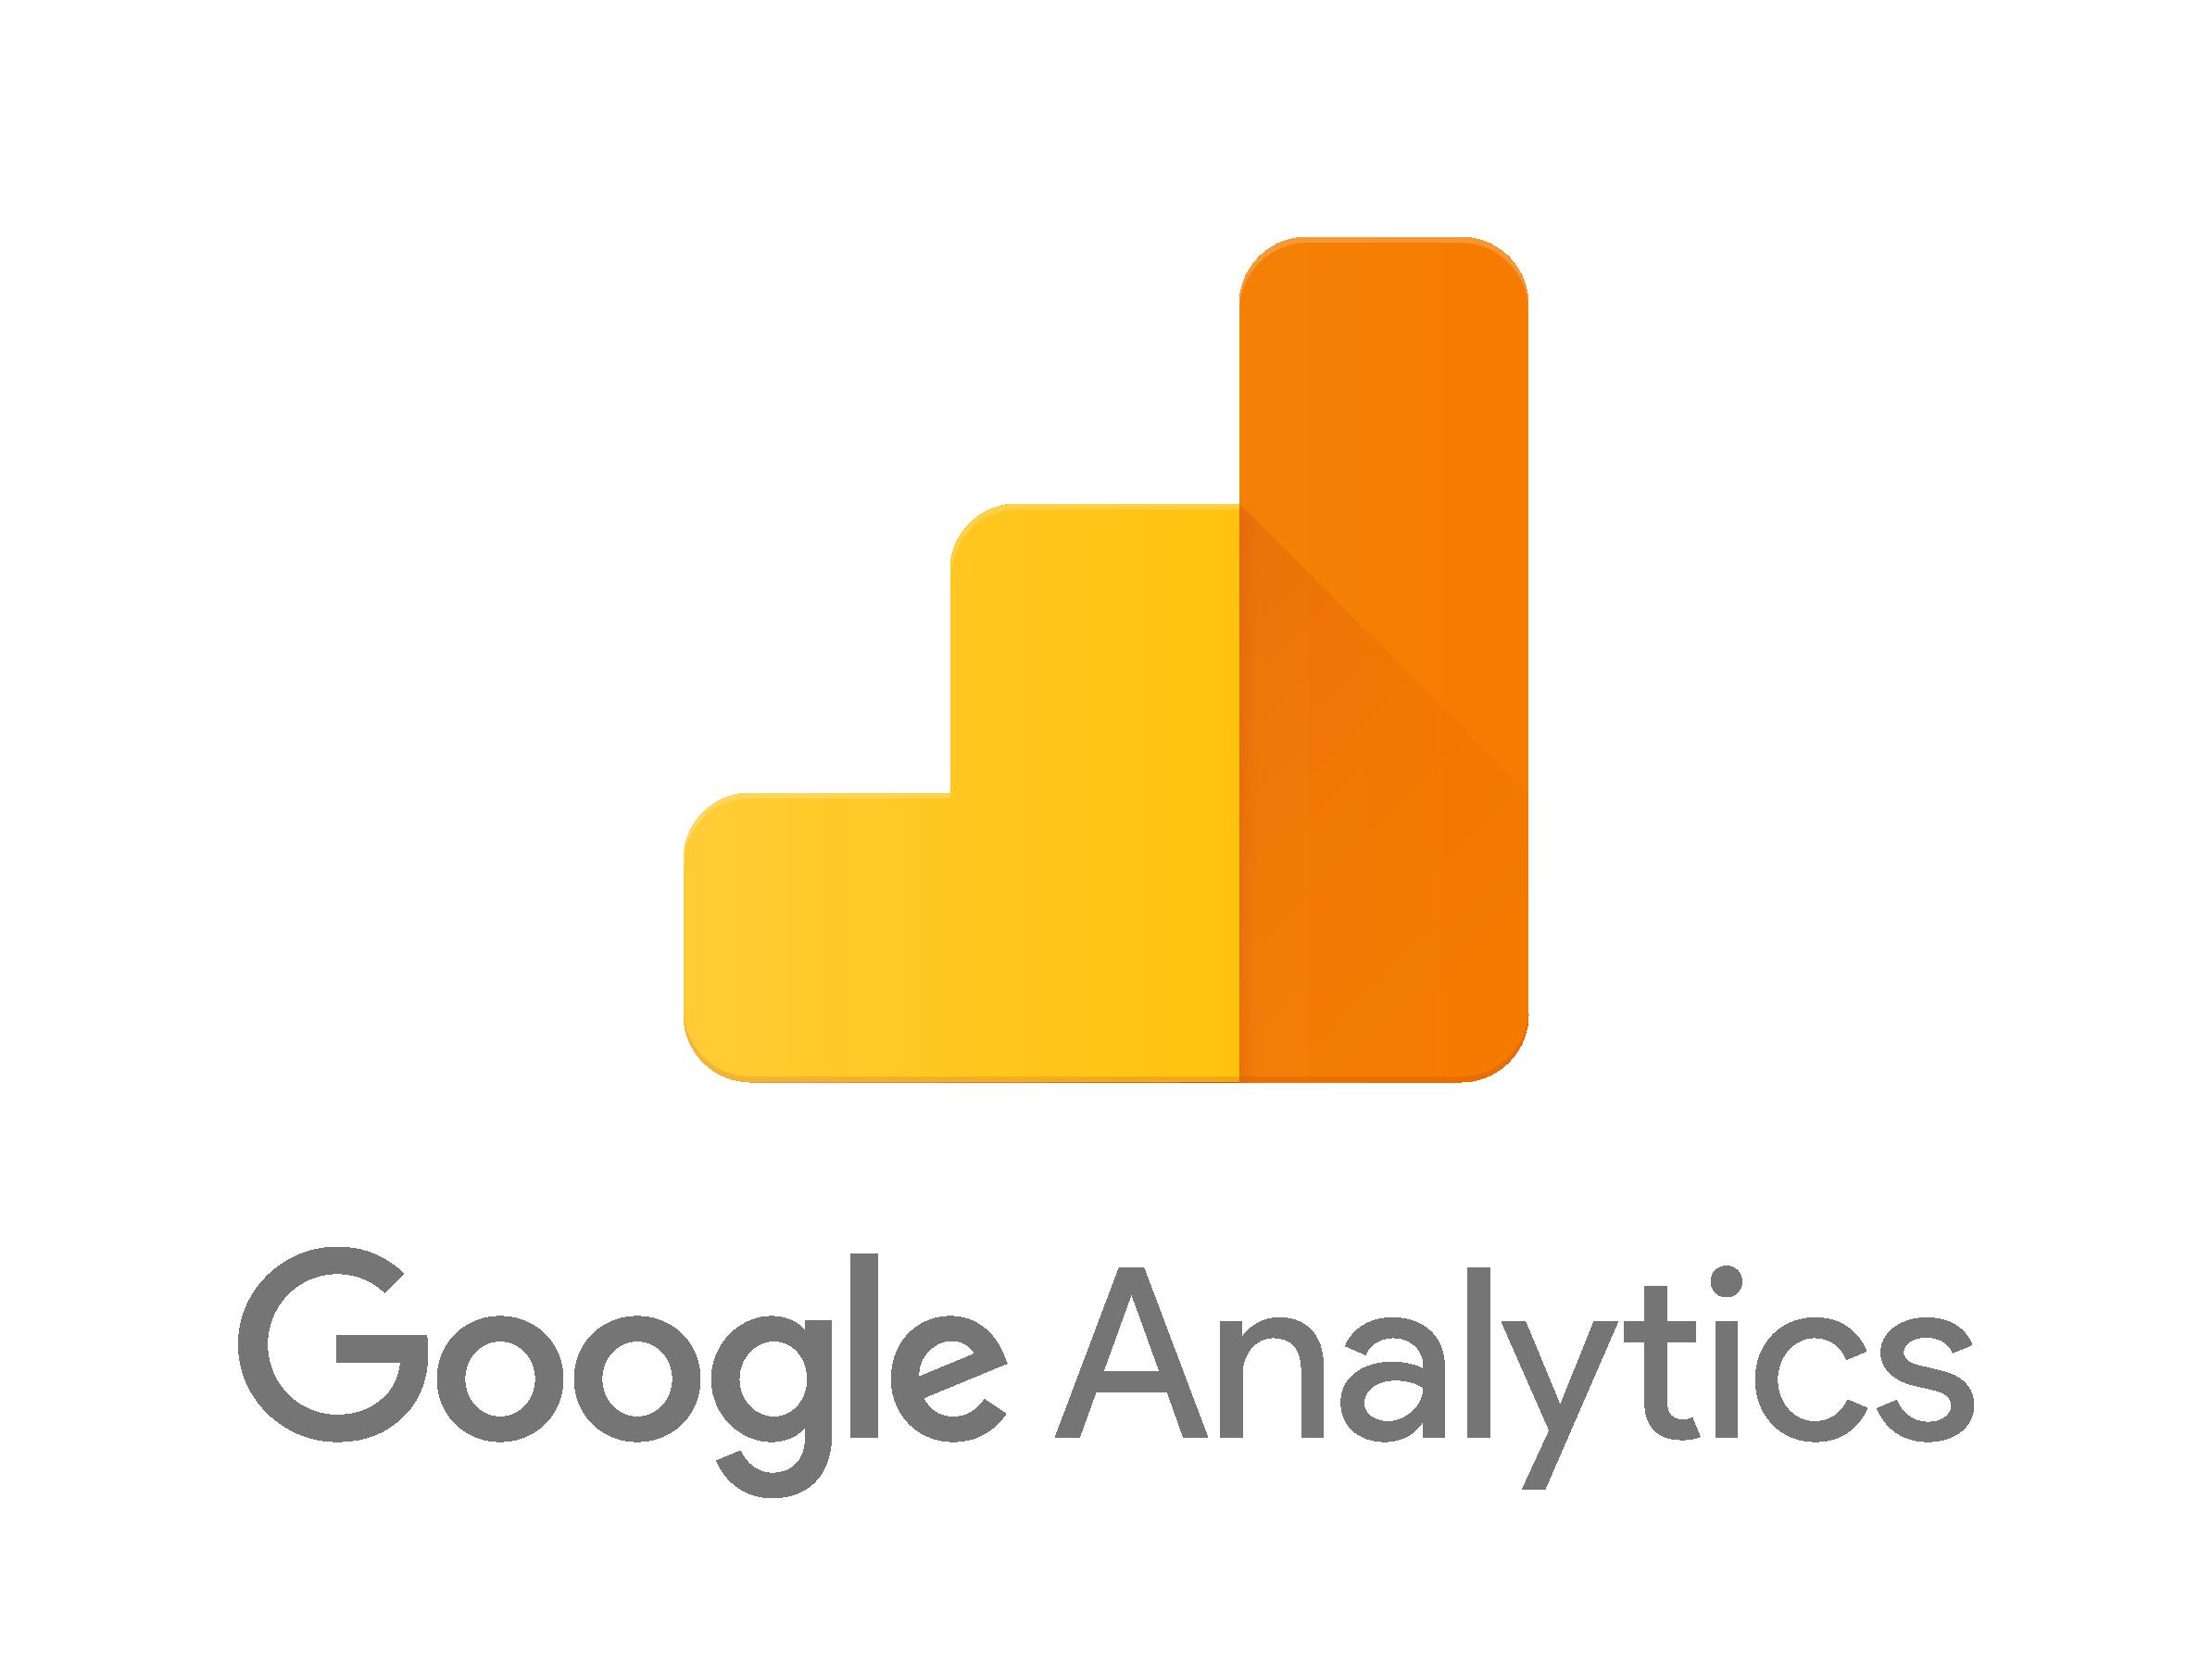 Googleアナリティクスで不要なトラフィックを除外して正しくアクセス解析をする方法